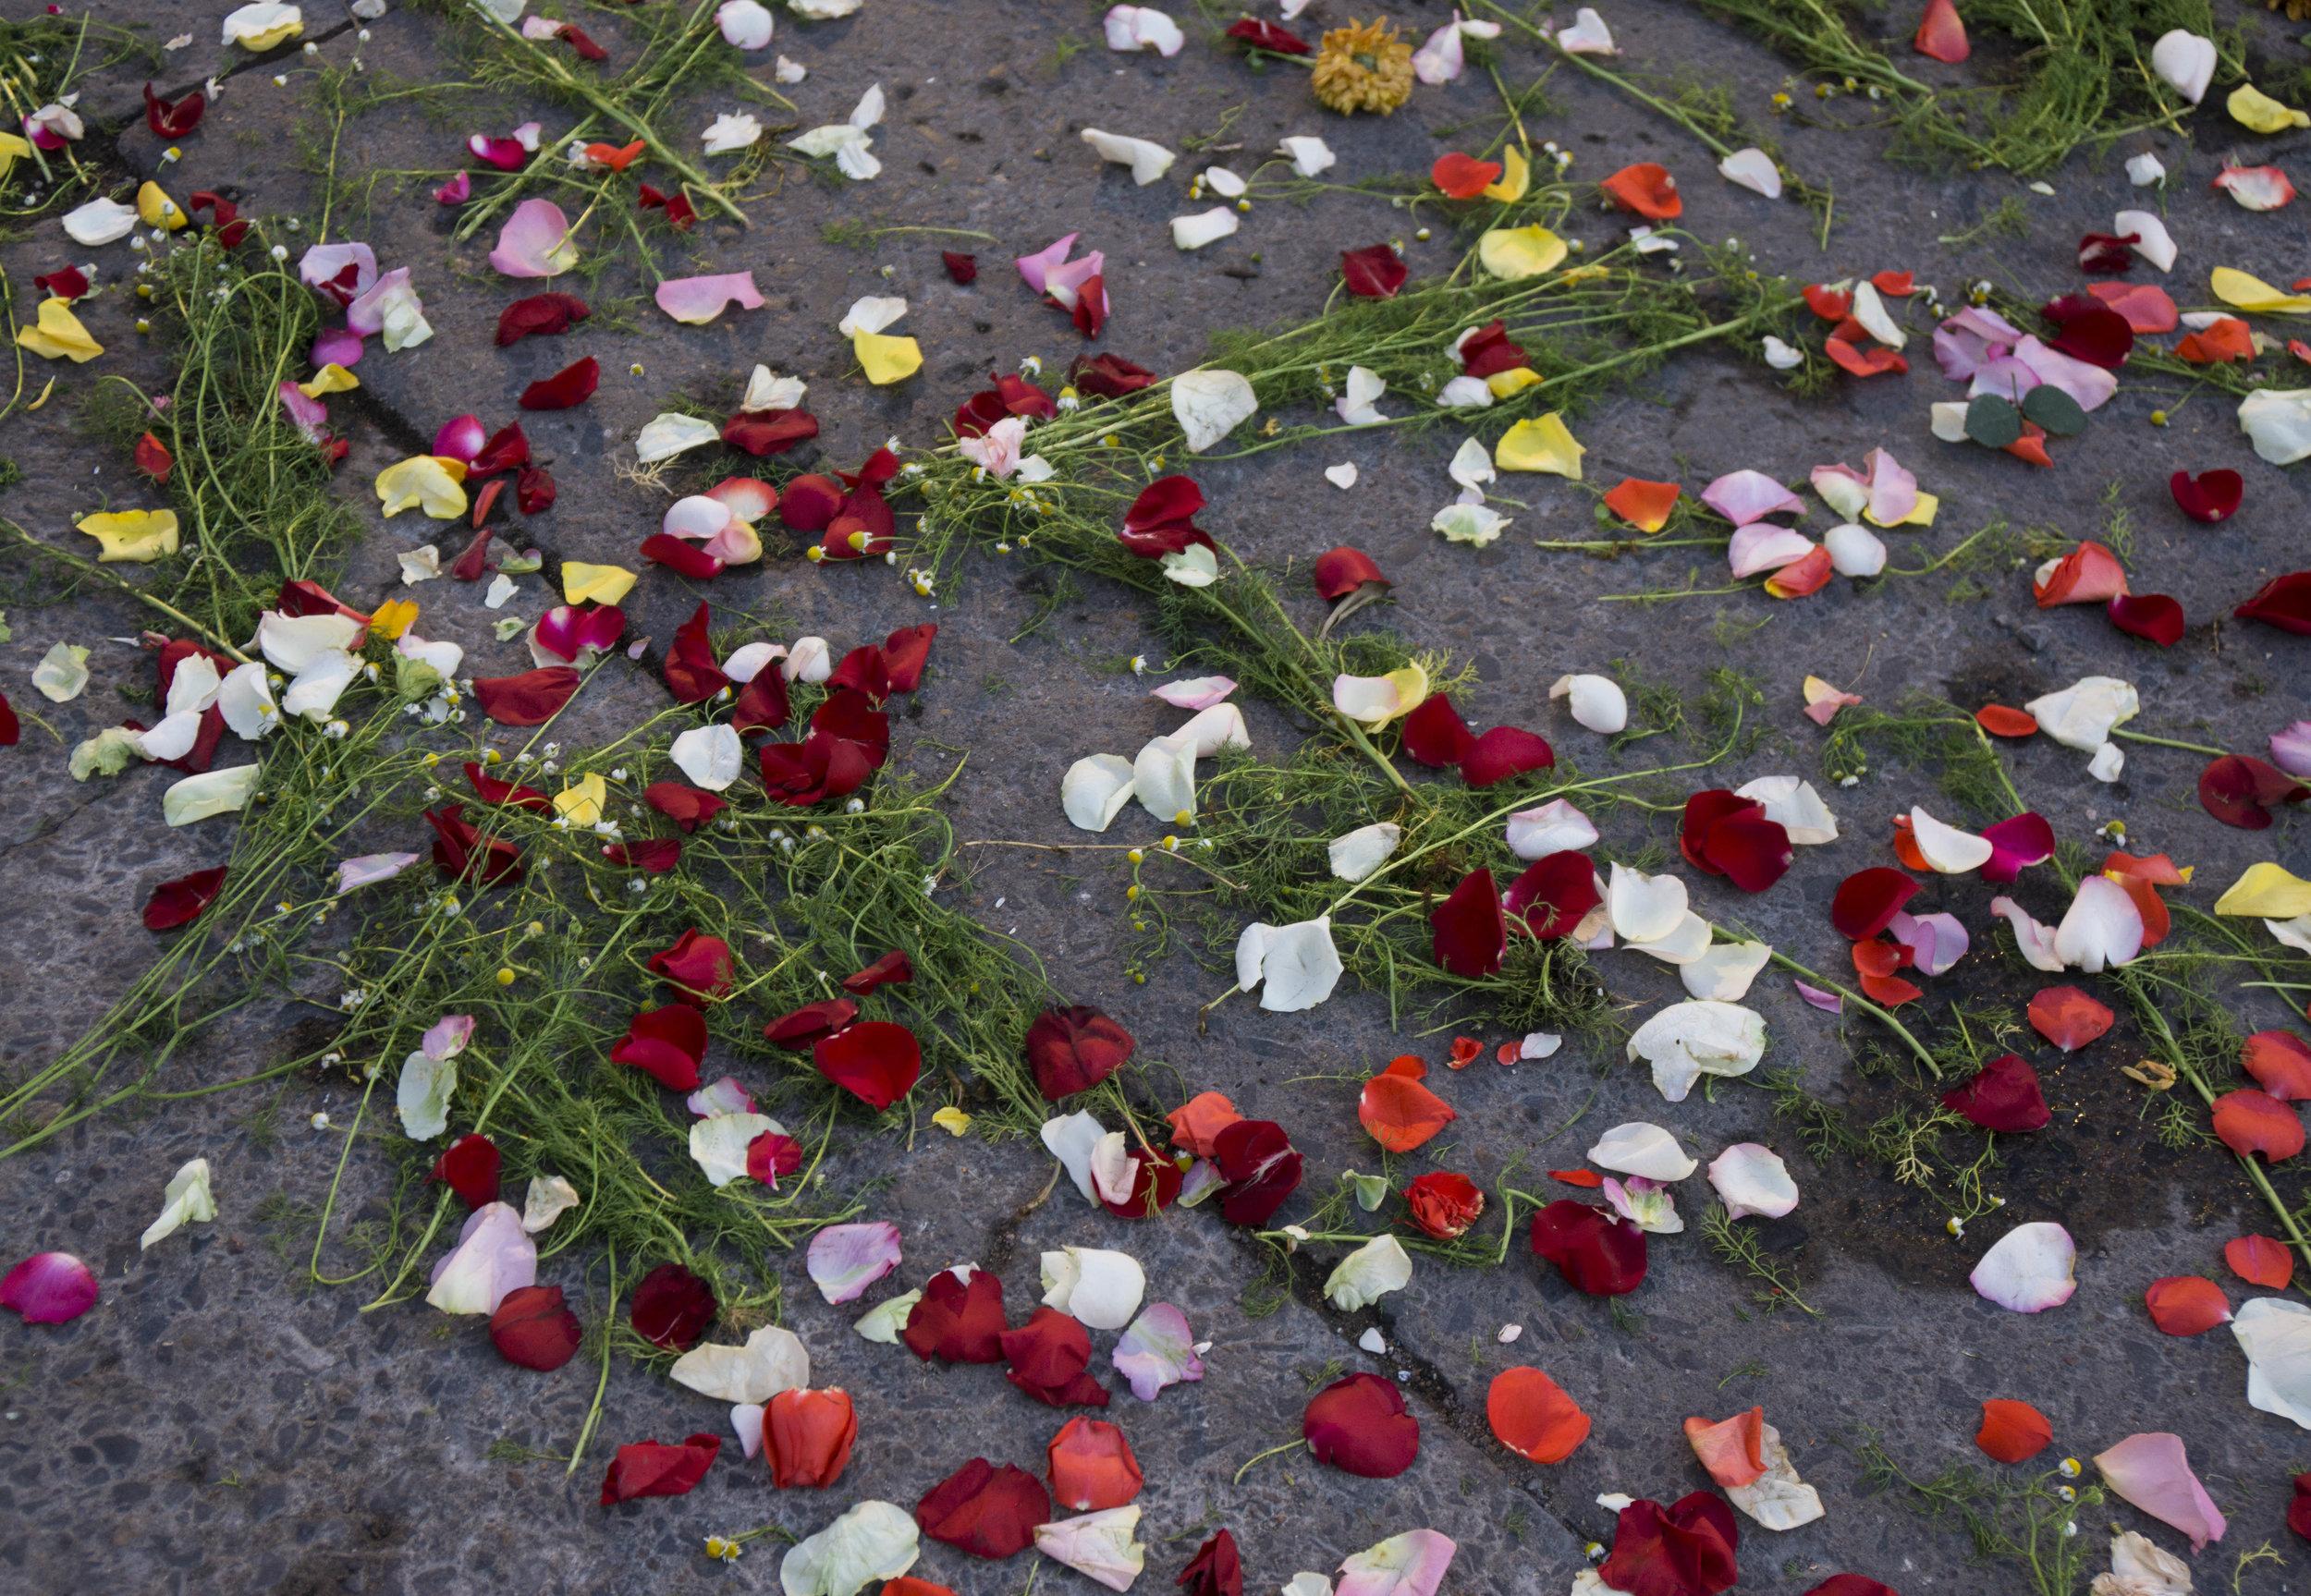 Rose petals_DSC8035.jpg